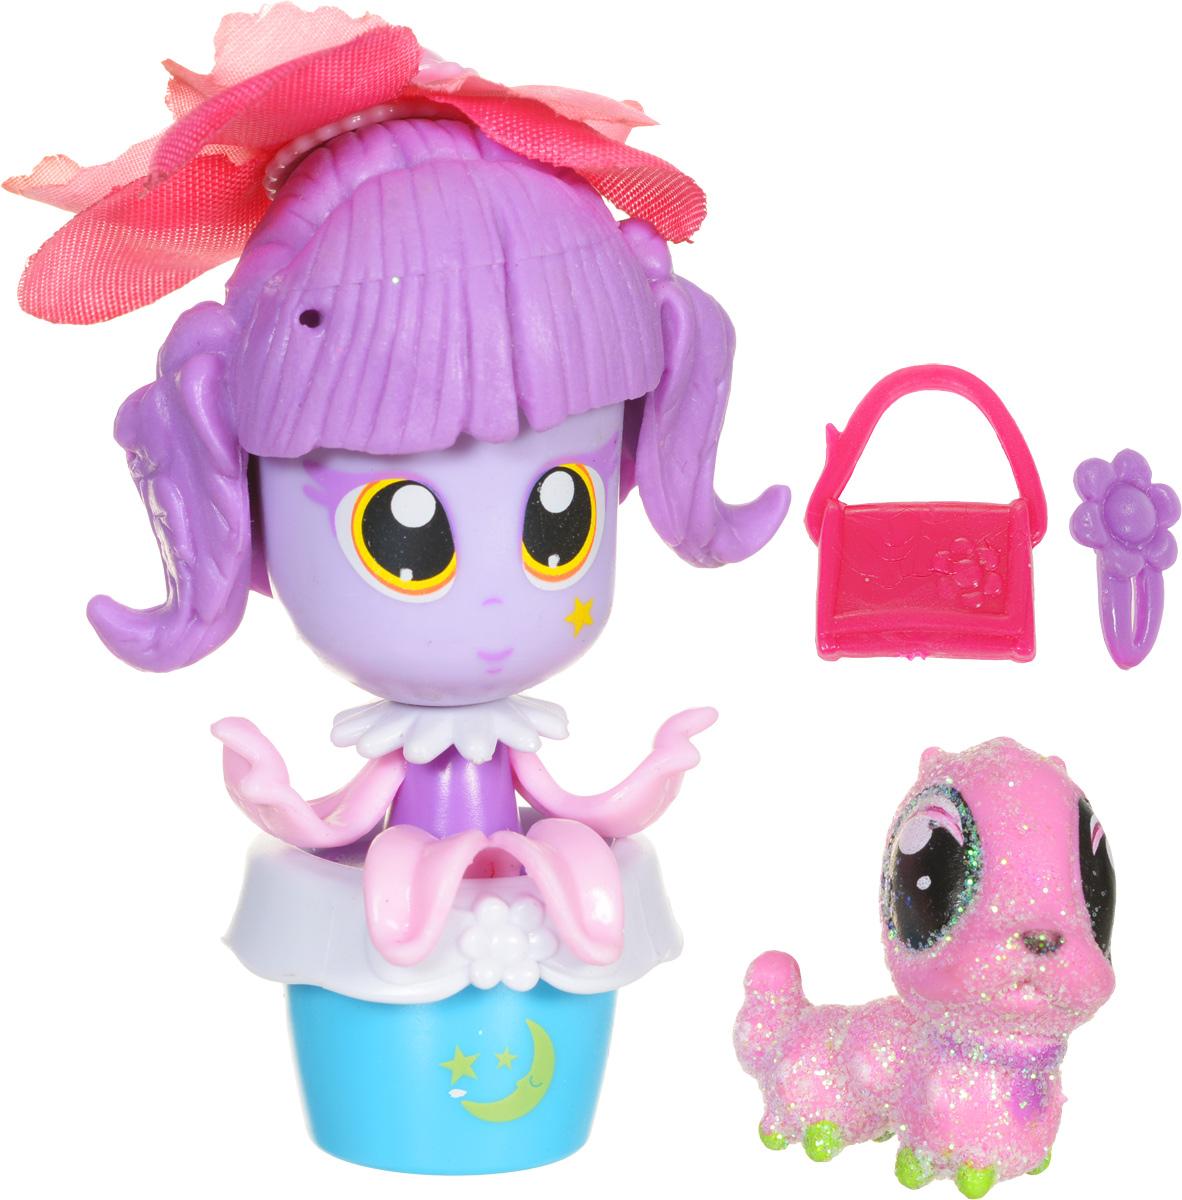 Daisy Мини-кукла Цветочек с питомцем цвет розовый сиреневый29514_розовый, сиреневыйМини-куклы Daisy Цветочки - это разноцветные разборные игрушки, которые могут меняться между собой прическами, цветочными шляпками и аксессуарами. Игрушка выполнена в виде куколки в цветочном горшочке. У куколки огромные нарисованные глазки, ручки-лепестки и сиреневые волосы. Прическа куколки украшена съемной текстильной шляпкой в виде цветка. Дополняют модный образ куколки розовая сумочка и украшение для волос. В комплекте с куколкой имеется питомец - блестящая розовая гусеничка. Можно выбрать комплект кукол с аксессуарами, со сказочным питомцем, или даже c домом-лейкой и мини-мебелью (каждый продается отдельно). Куколки-цветочки можно наряжать, меняя их образы, брать с собой в дорогу или в гости! Соберите коллекцию и подружите куколок между собой! Мини-кукла Daisy Цветочек ароматизированная.